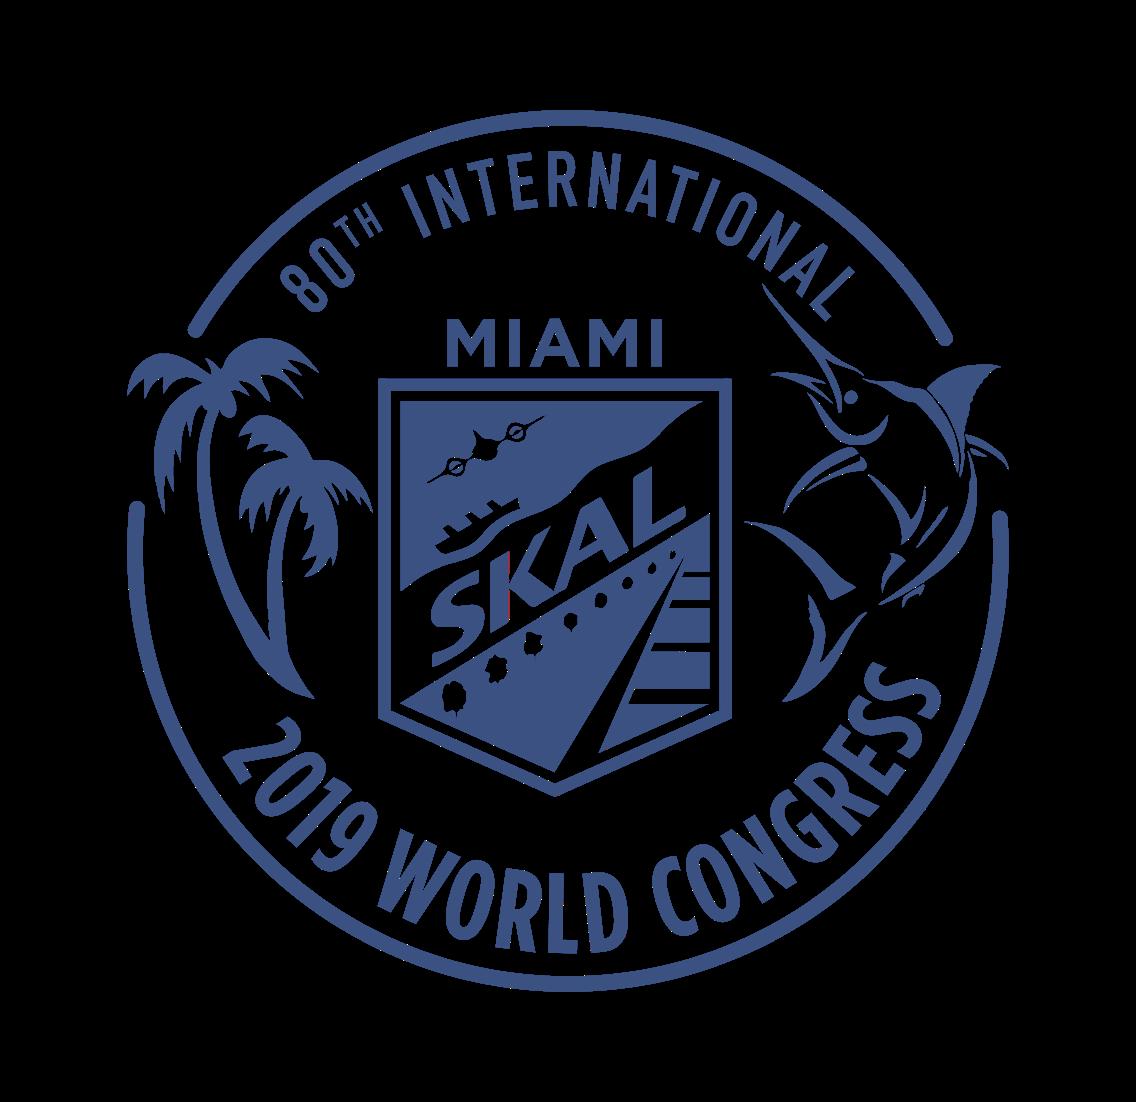 Skal World Congress 2019